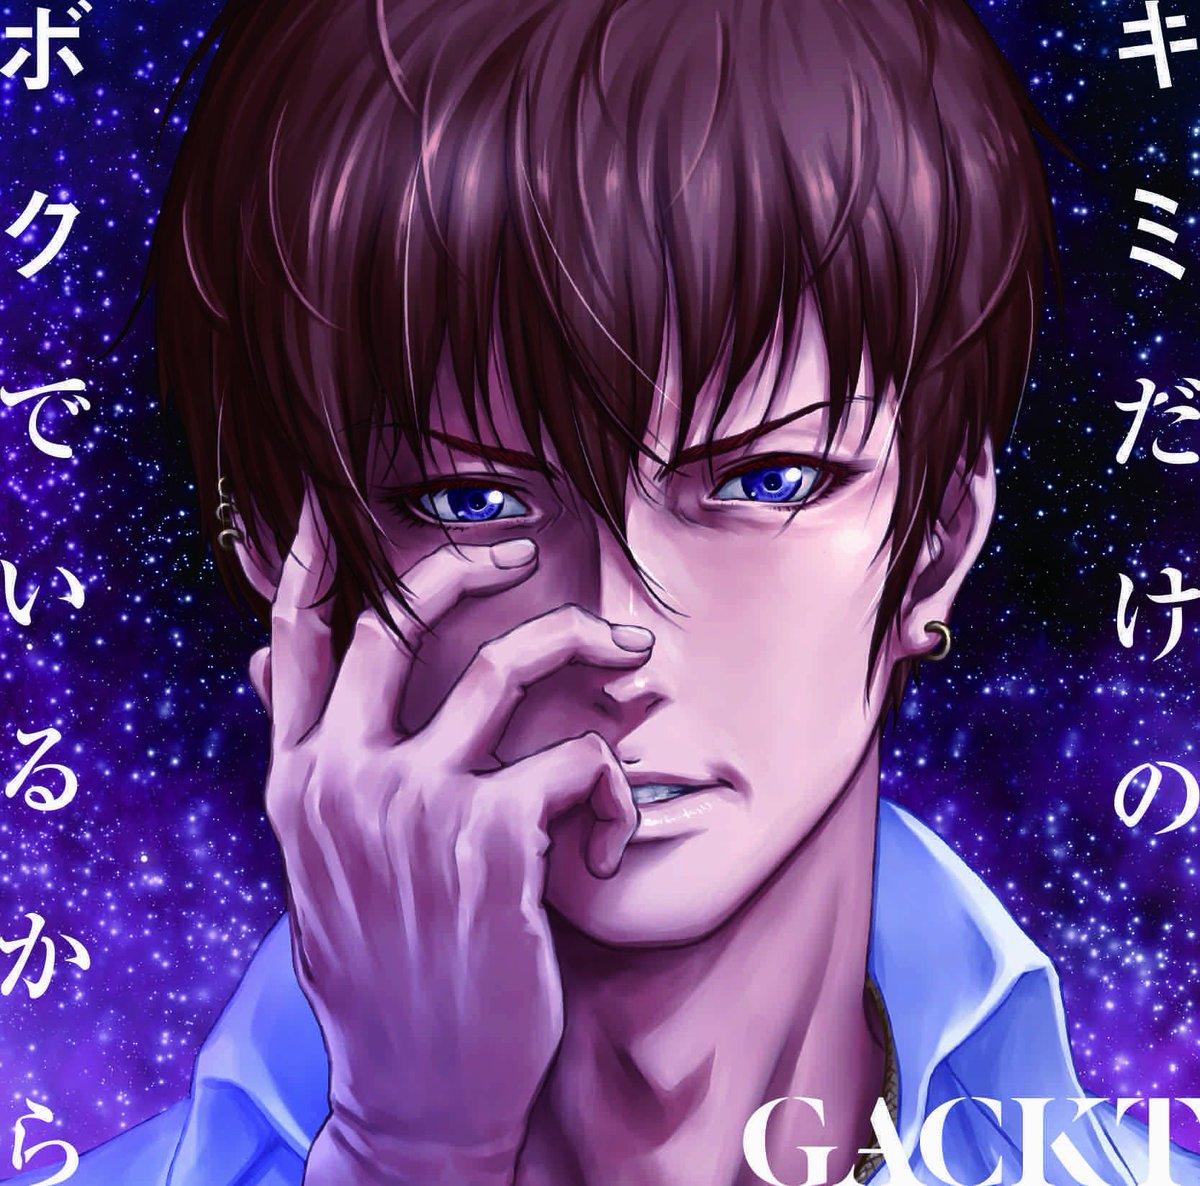 47th SINGLE「キミだけのボクでいるから」ジャケットデザイン解禁!  DVDに収録されるMVはGACKTとアニメ